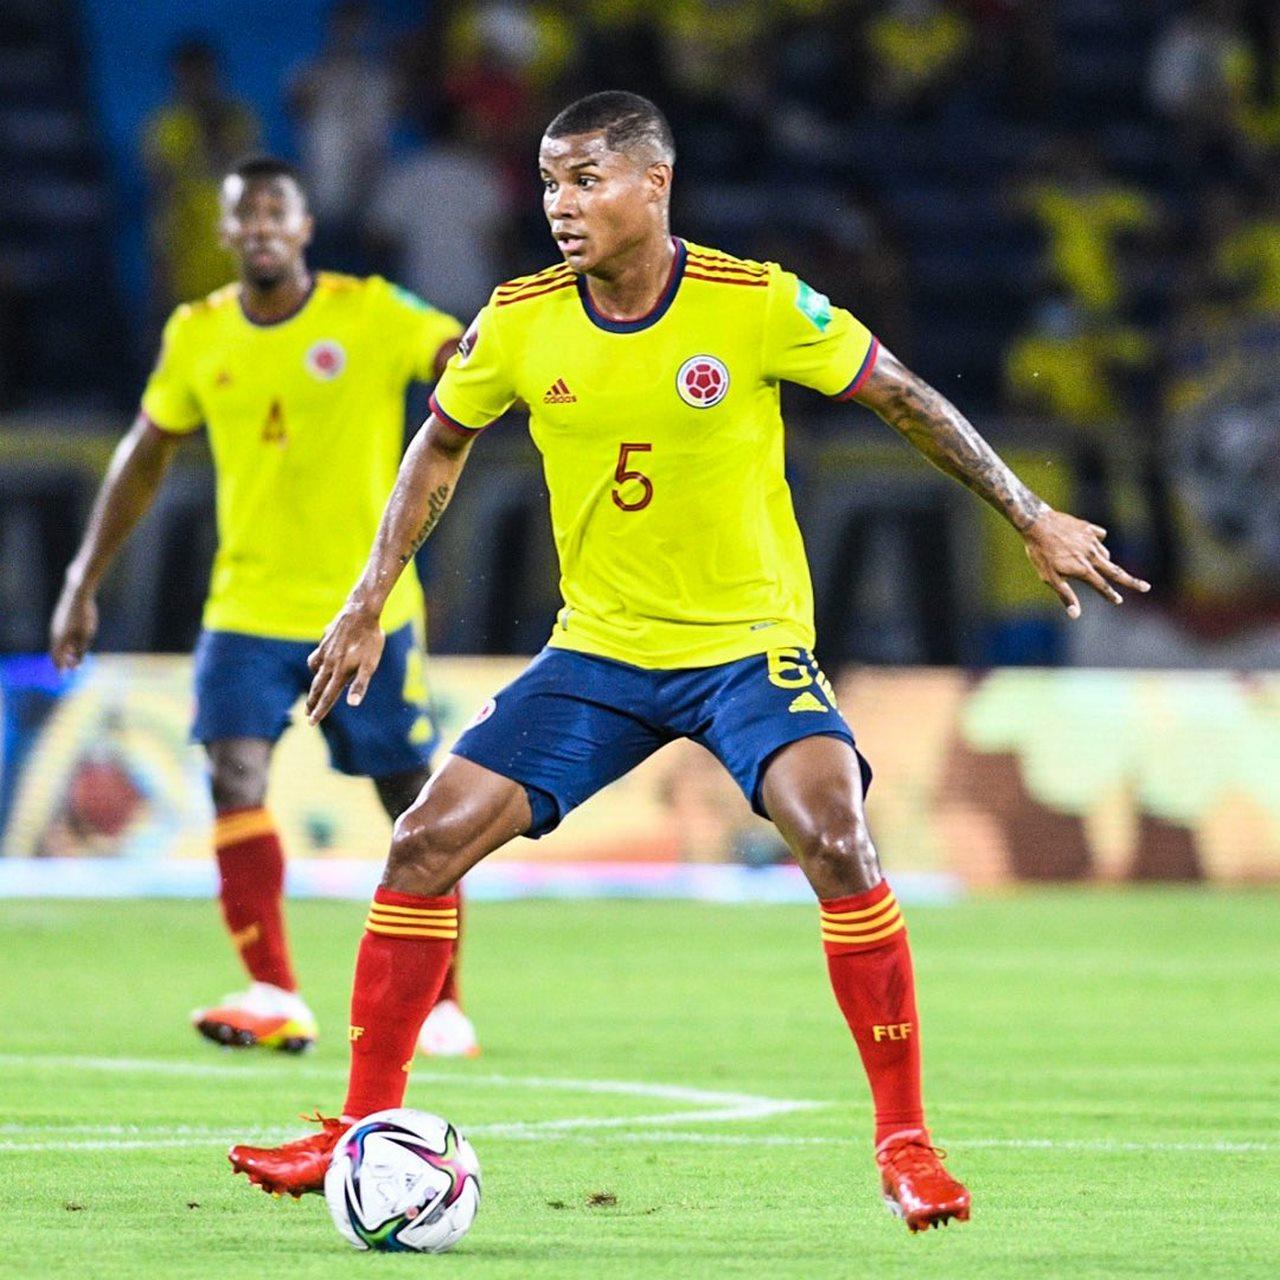 Colombia vs Chile 5